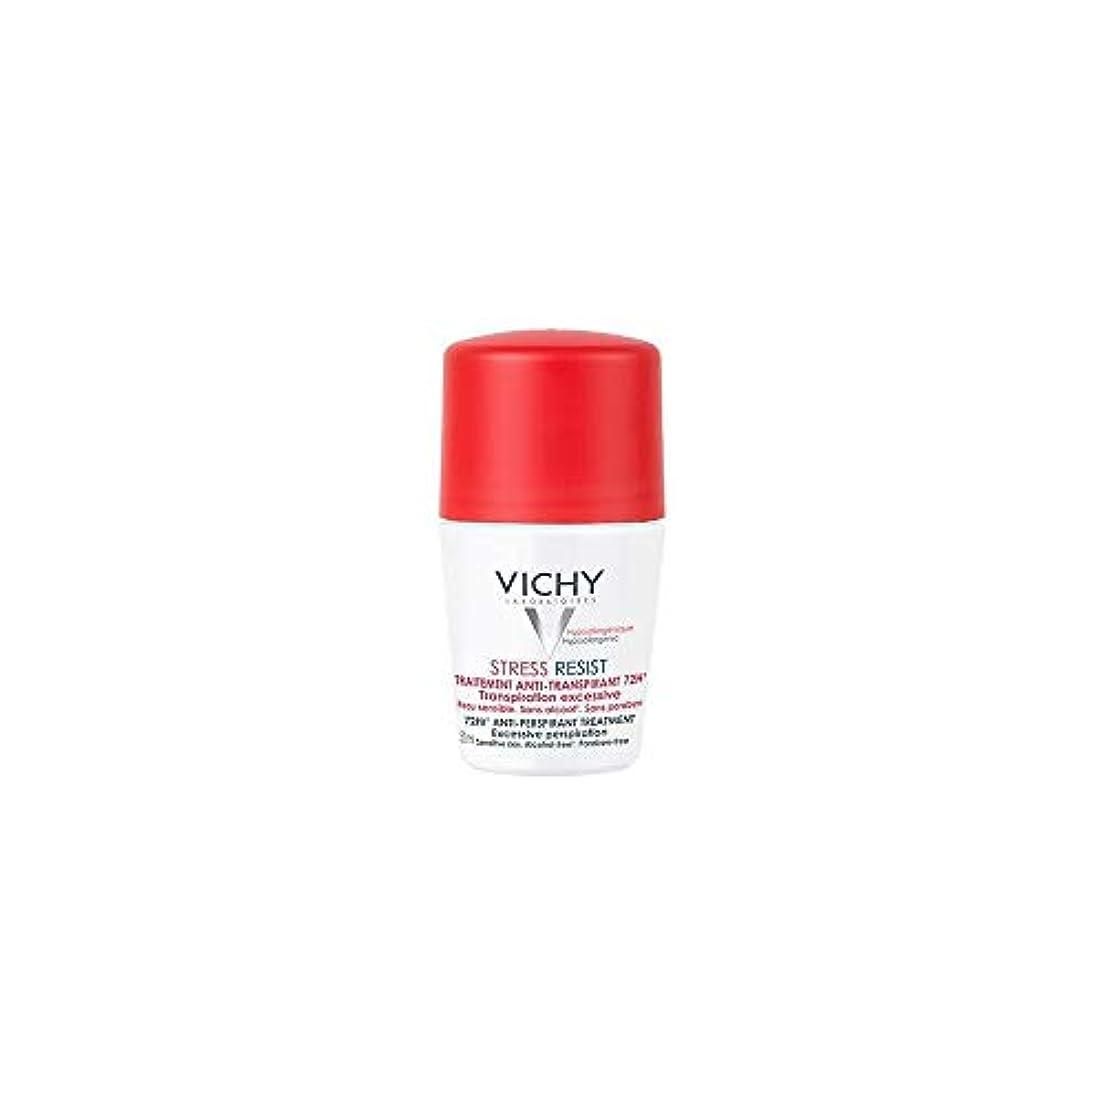 とても多くの代表賛辞Vichy Deo Stress Resist Intense Perspiration 50ml